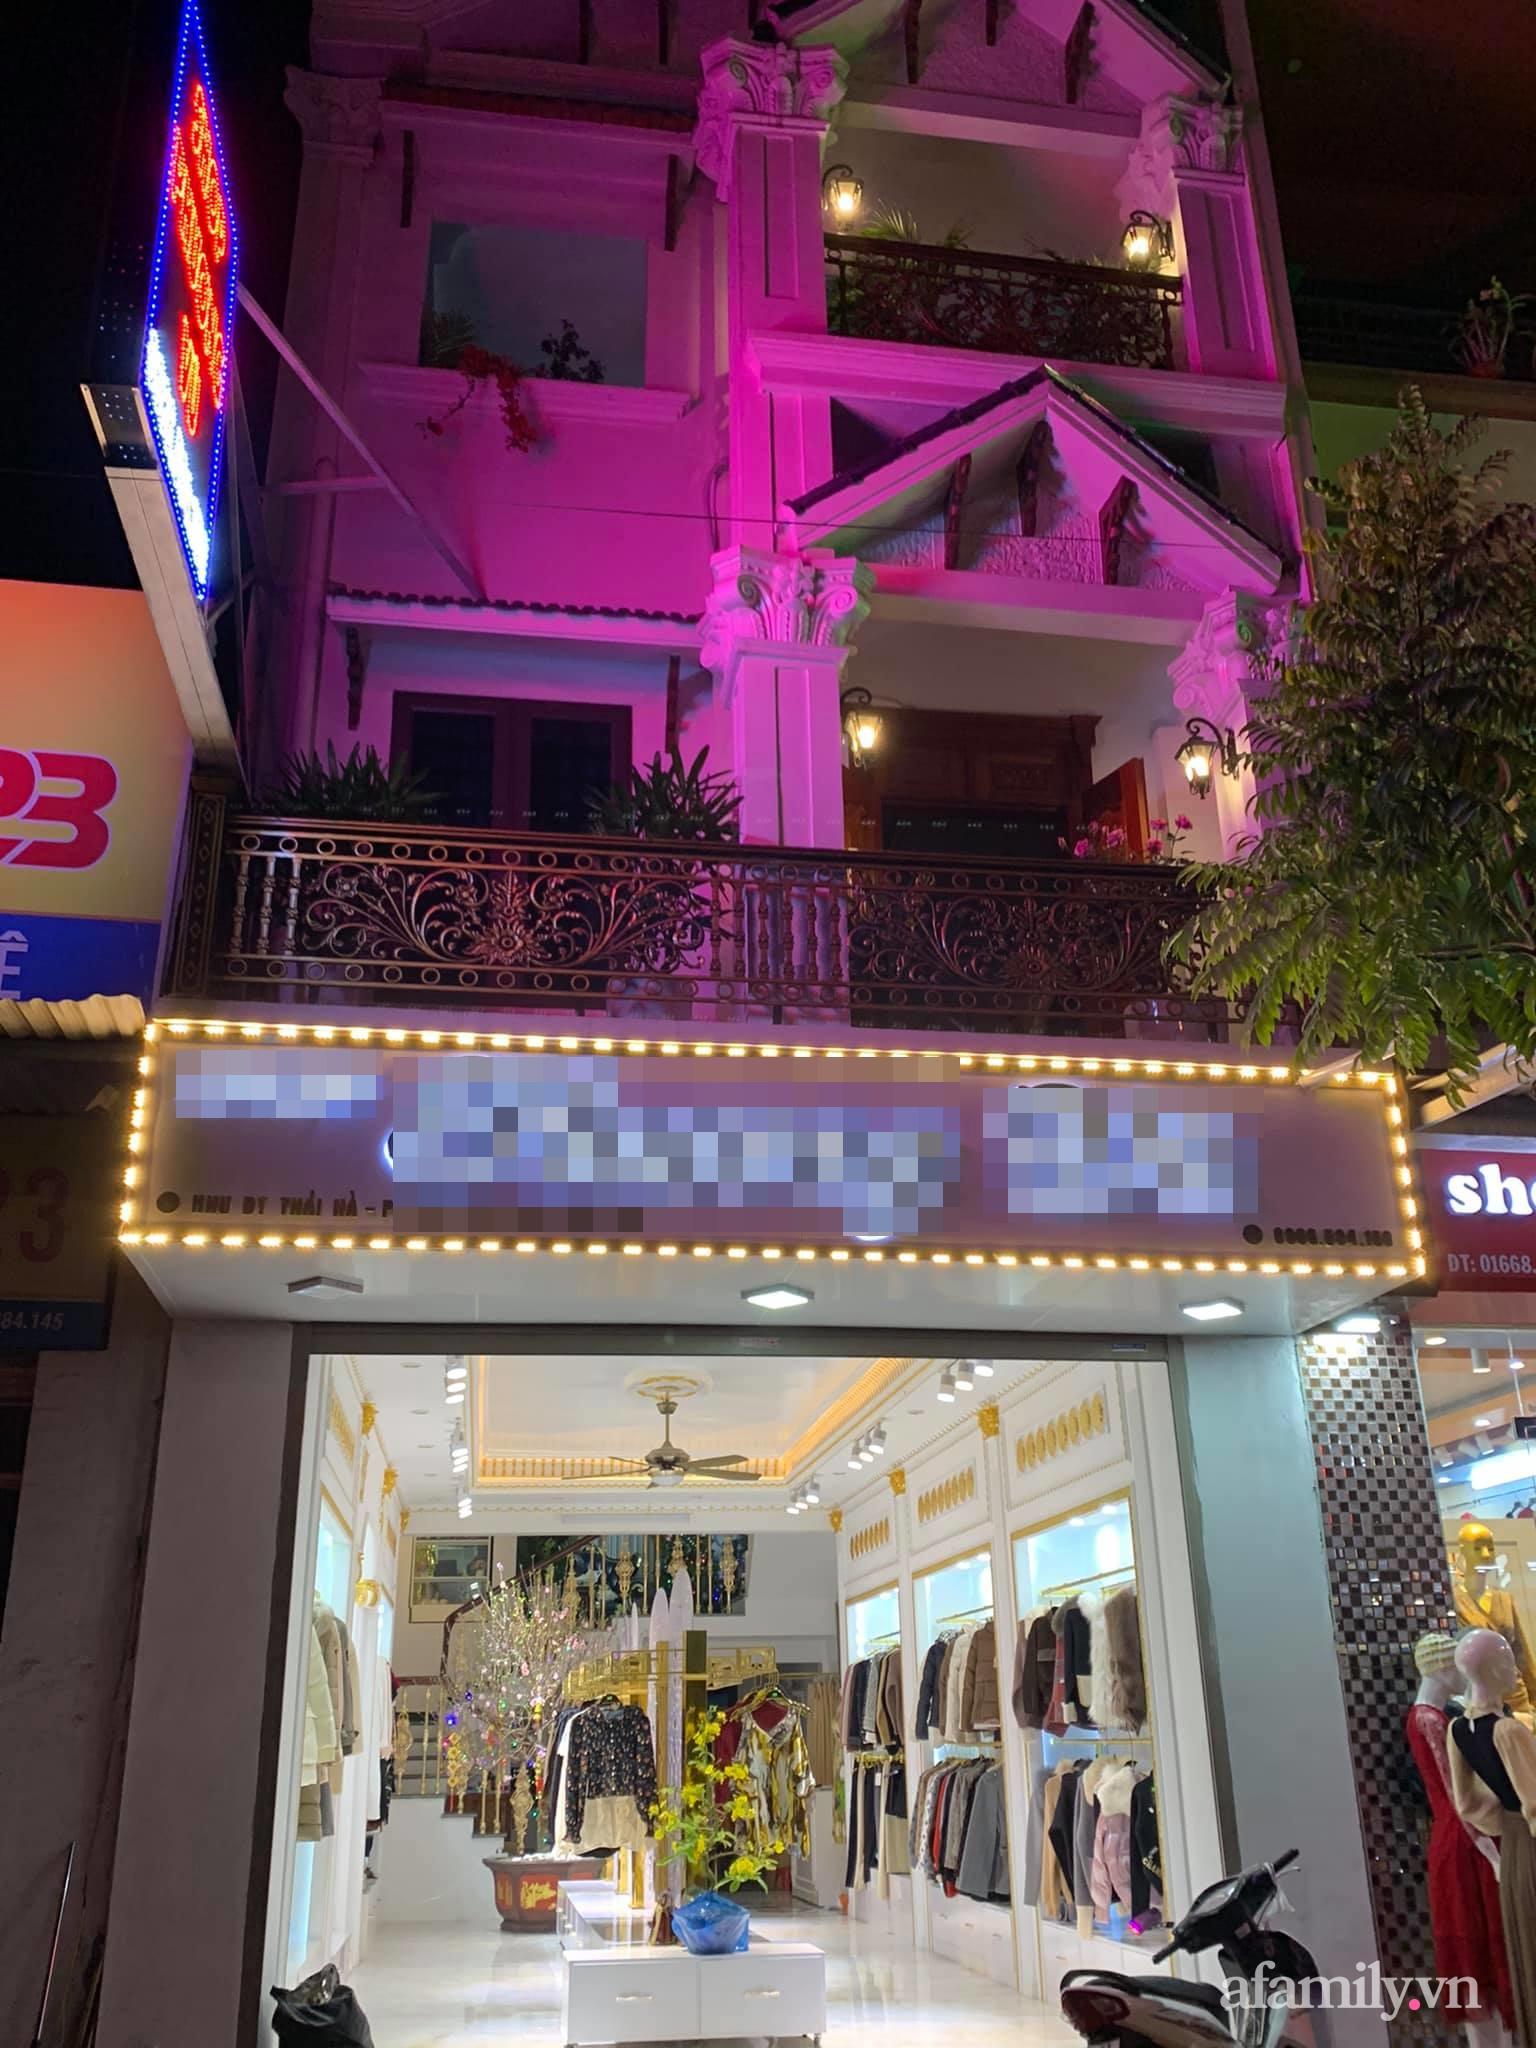 Từ hai bàn tay trắng, mẹ đơn thân Hải Phòng mua nhà lớn khang trang, xe sang tiền tỷ ở tuổi 32 nhờ kinh doanh online đông khách - Ảnh 7.